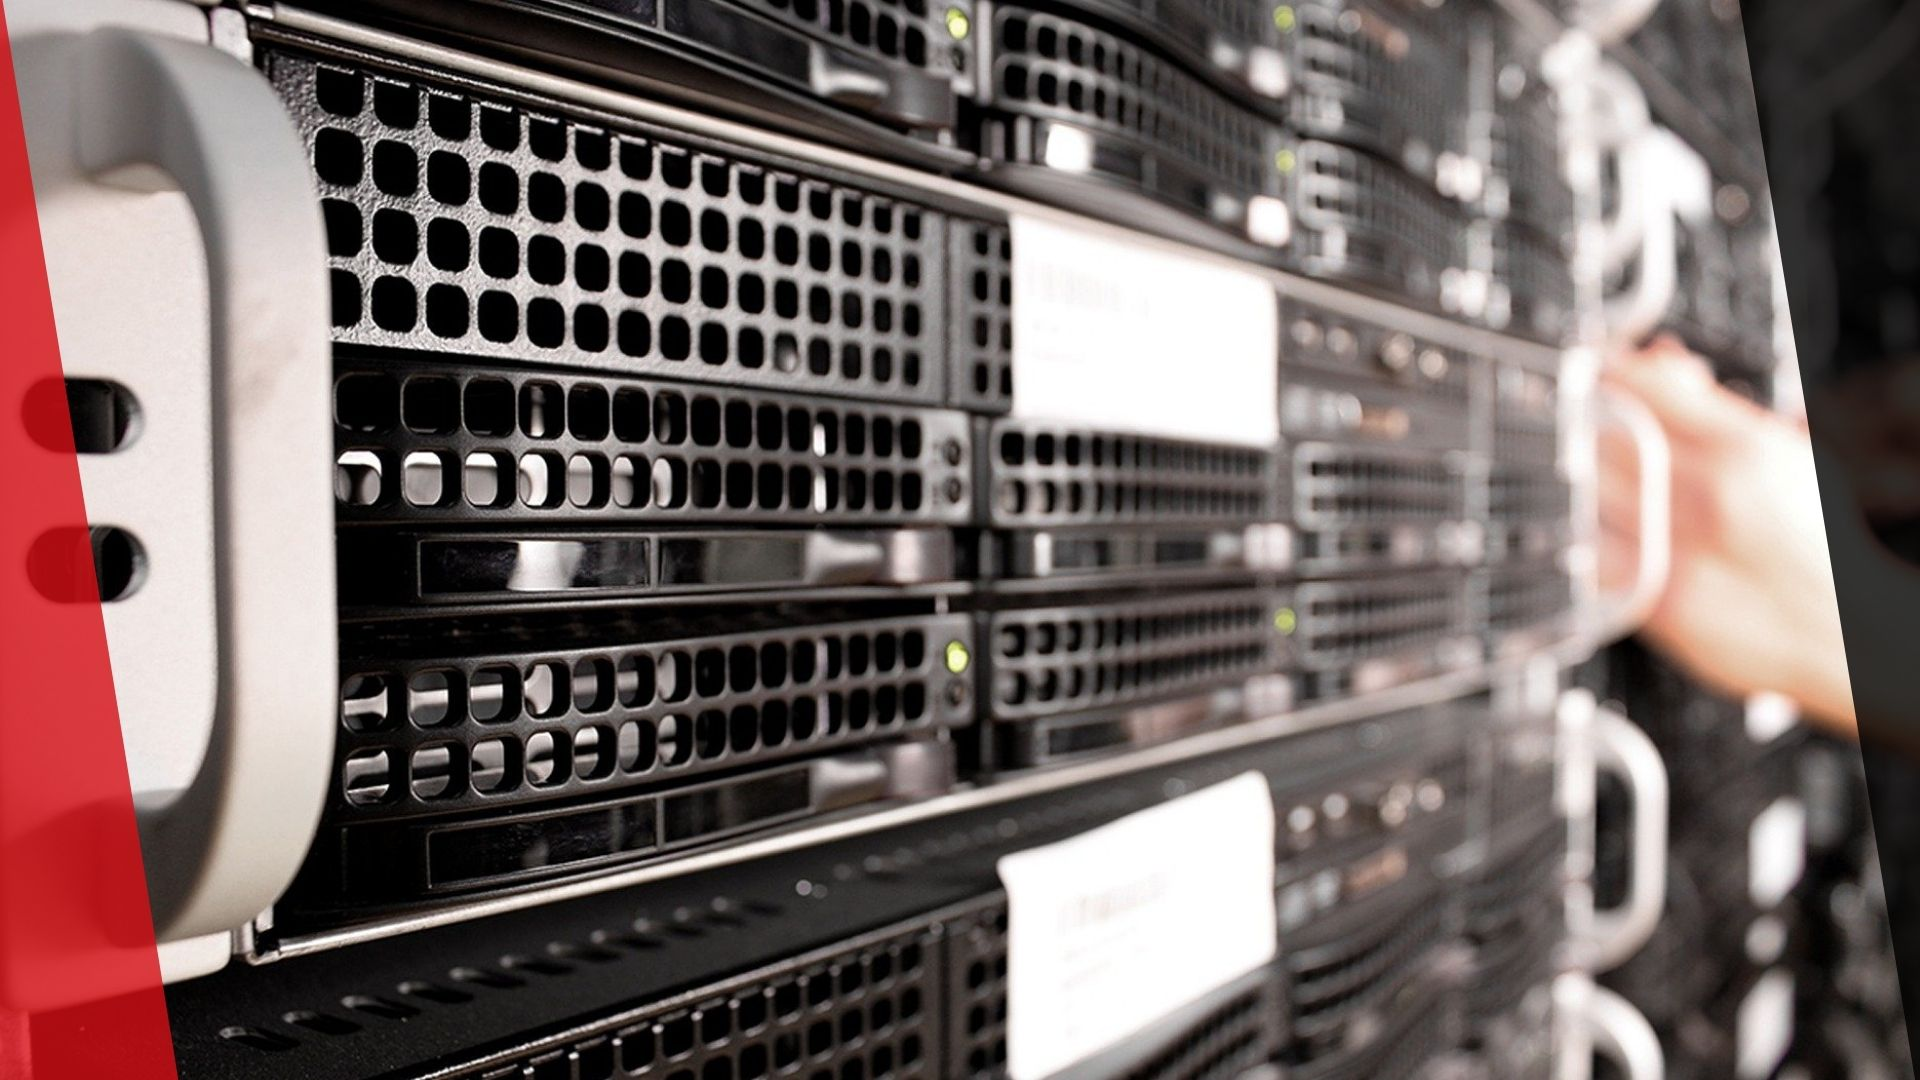 ein server-rack, mit mehreren servern in nahaufnahme